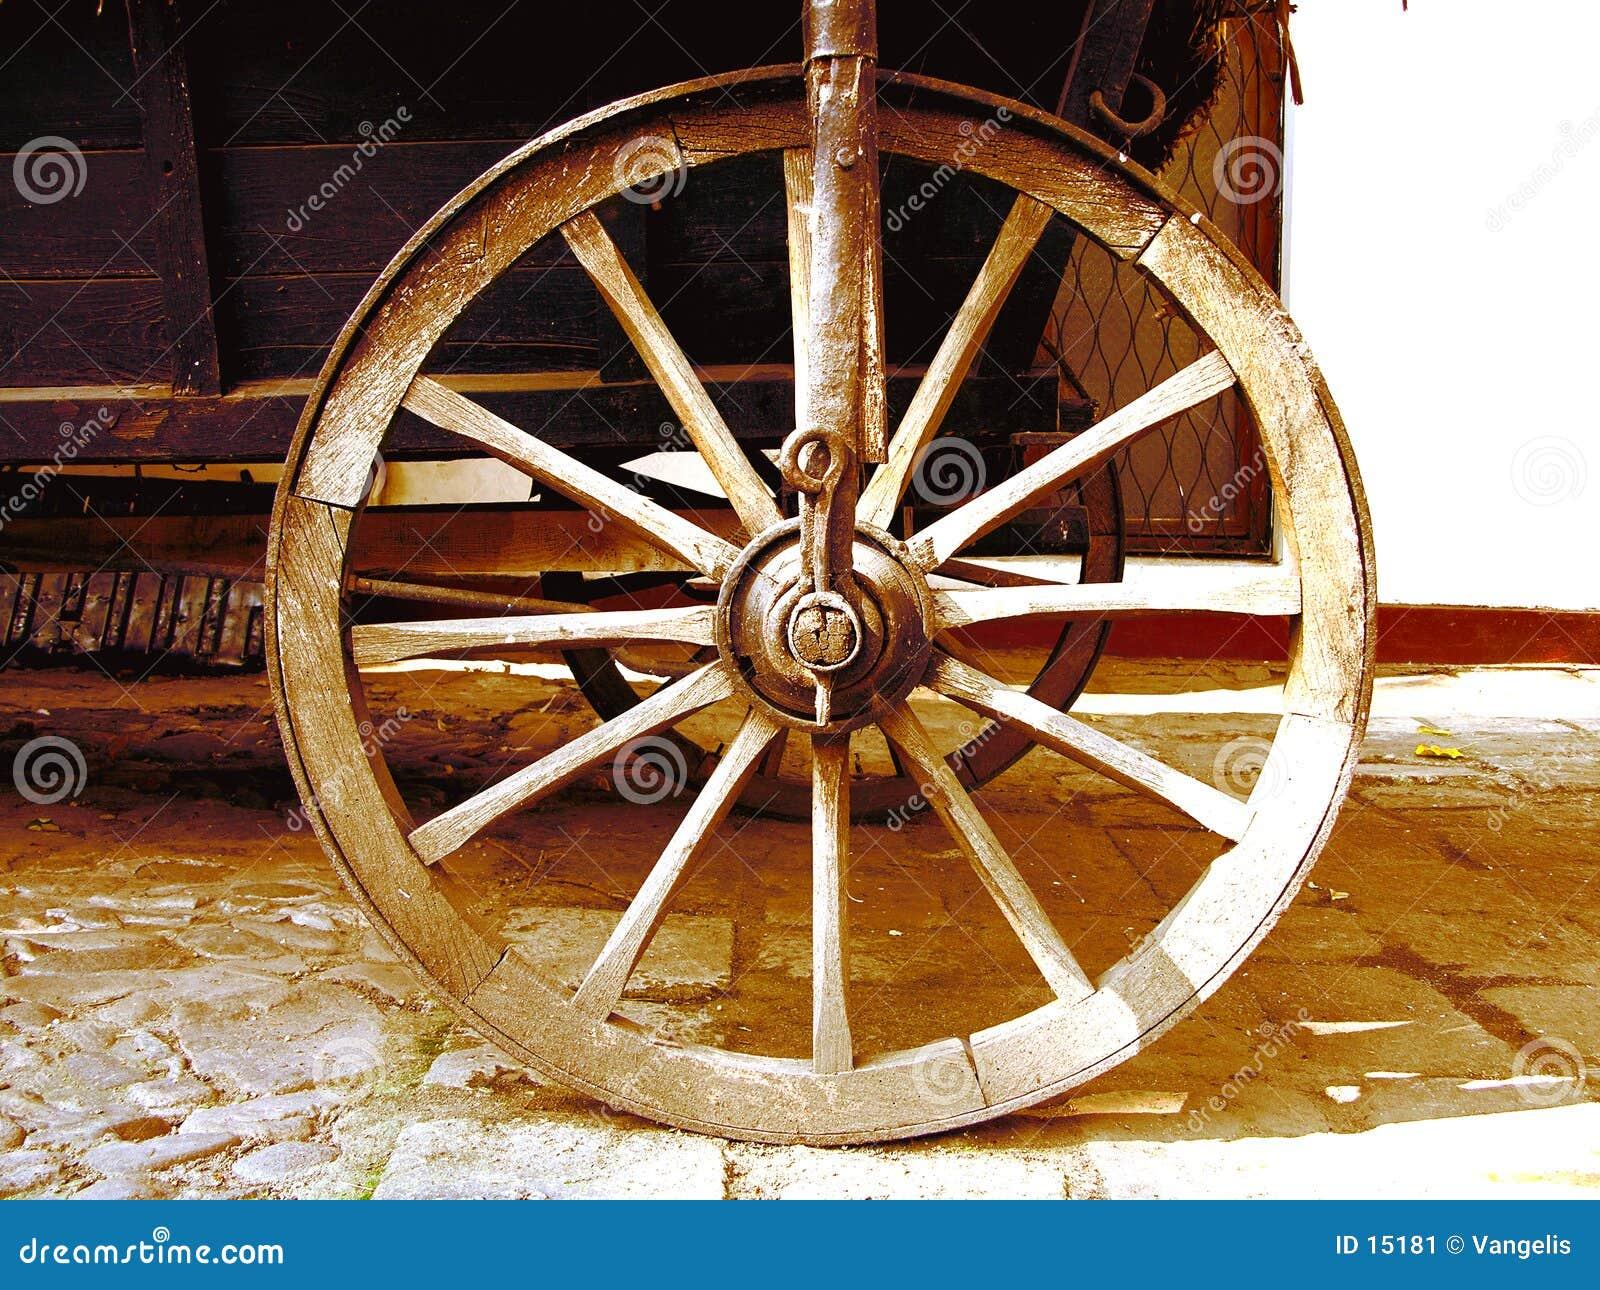 Zjadłam wagon wheel antykami